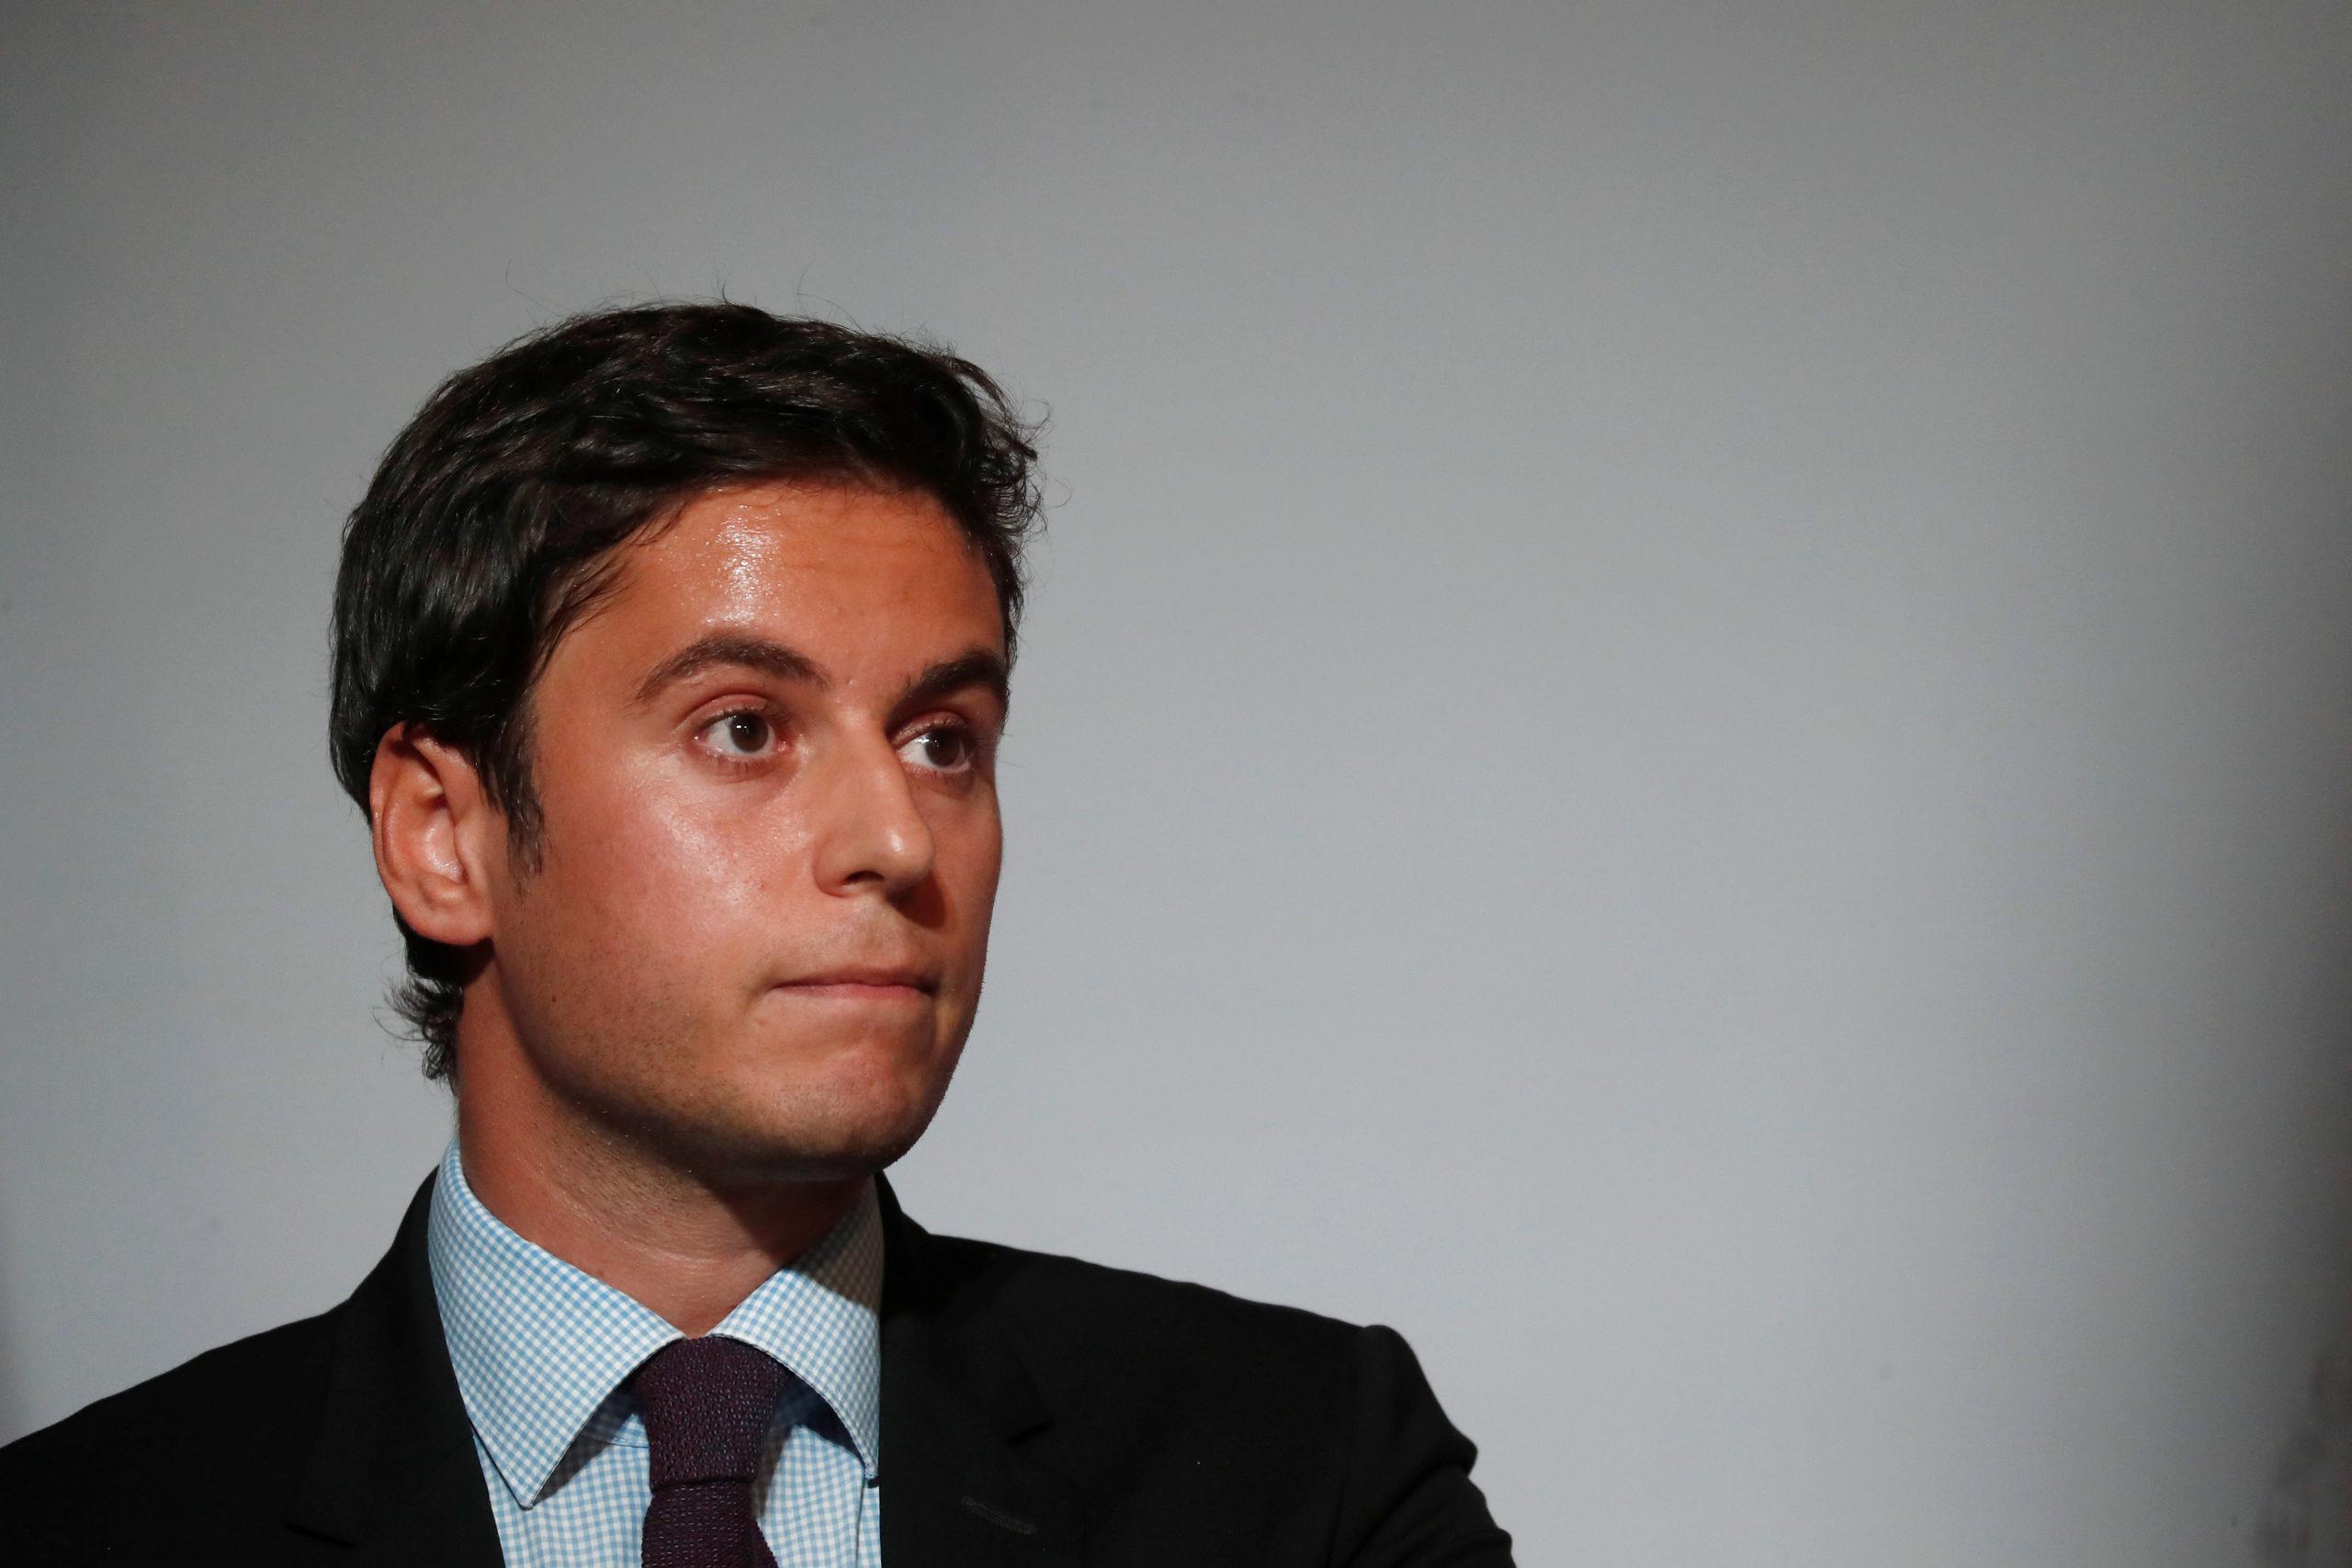 L'Etat a investi 430 milliards d'euros dans la relance de l'économie, dit Gabriel Attal